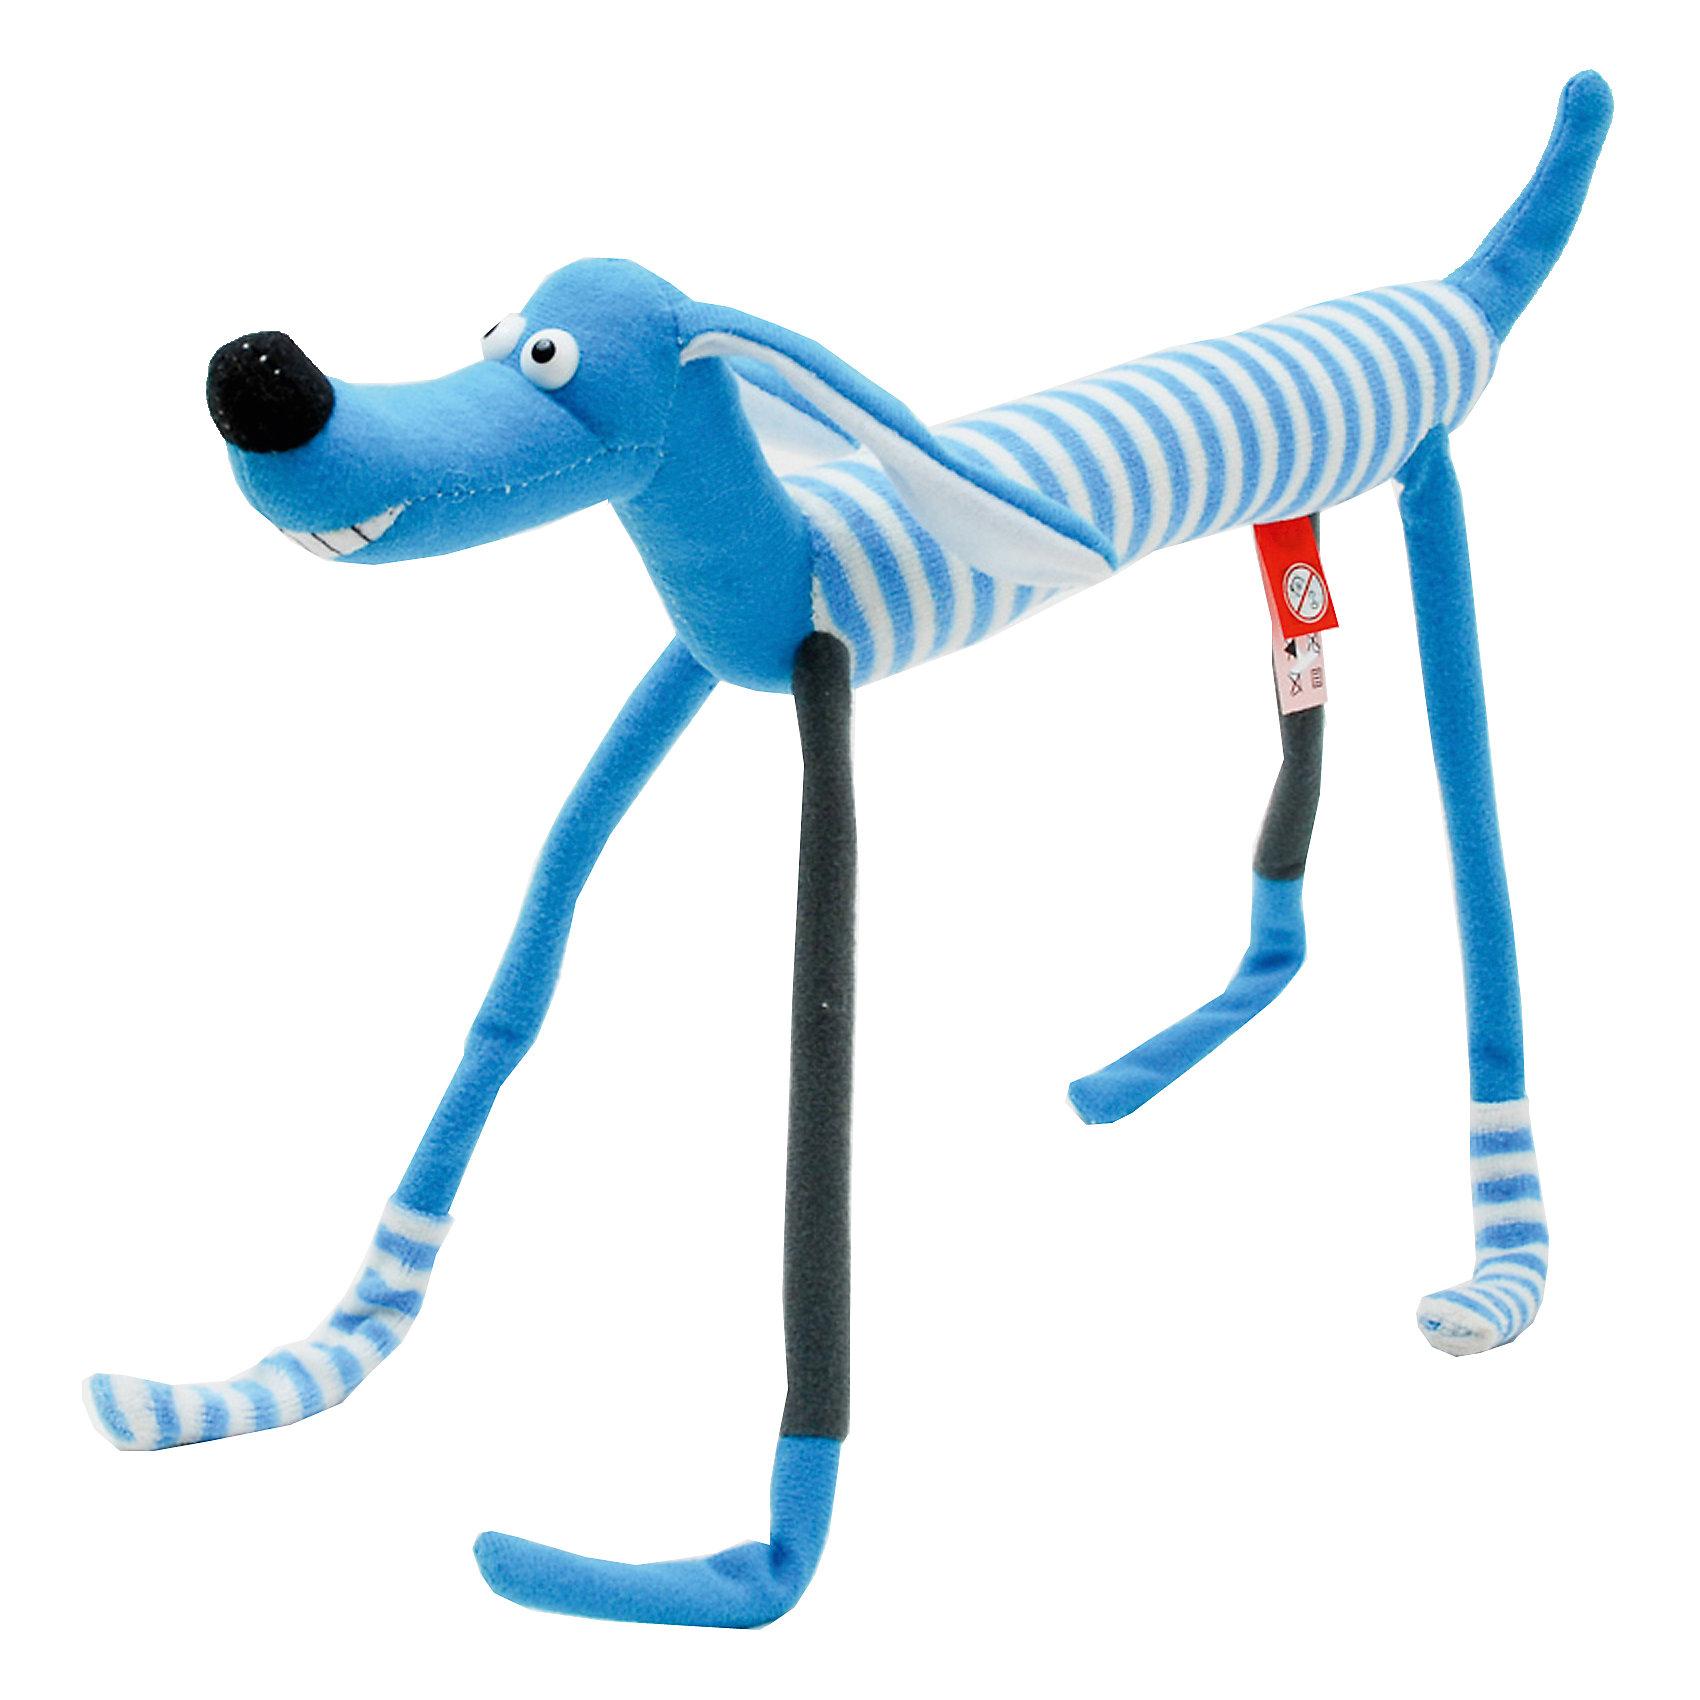 Мягкая игрушка Слим-собачка, Fancy, 20 смМилая яркая собачка станет прекрасным подарком и обязательно поднимет настроение! Внутри игрушки находится прочный проволочный каркас, благодаря этому, она может принимать различные смешные позы. Собачка выполнена из высококачественных гипоаллергенных материалов, безопасных для детей. <br><br>Дополнительная информация:<br><br>- Материал: плюш, пластик, полиэфирное волокно.<br>- Размер: 31х19х4,5 см.<br>- Лапы, туловище гнутся. <br>- Цвет: голубой, белый.<br><br>Мягкую игрушку Слим-собачка Fancy, можно купить в нашем магазине.<br><br>Ширина мм: 310<br>Глубина мм: 45<br>Высота мм: 200<br>Вес г: 72<br>Возраст от месяцев: 36<br>Возраст до месяцев: 72<br>Пол: Унисекс<br>Возраст: Детский<br>SKU: 4219383